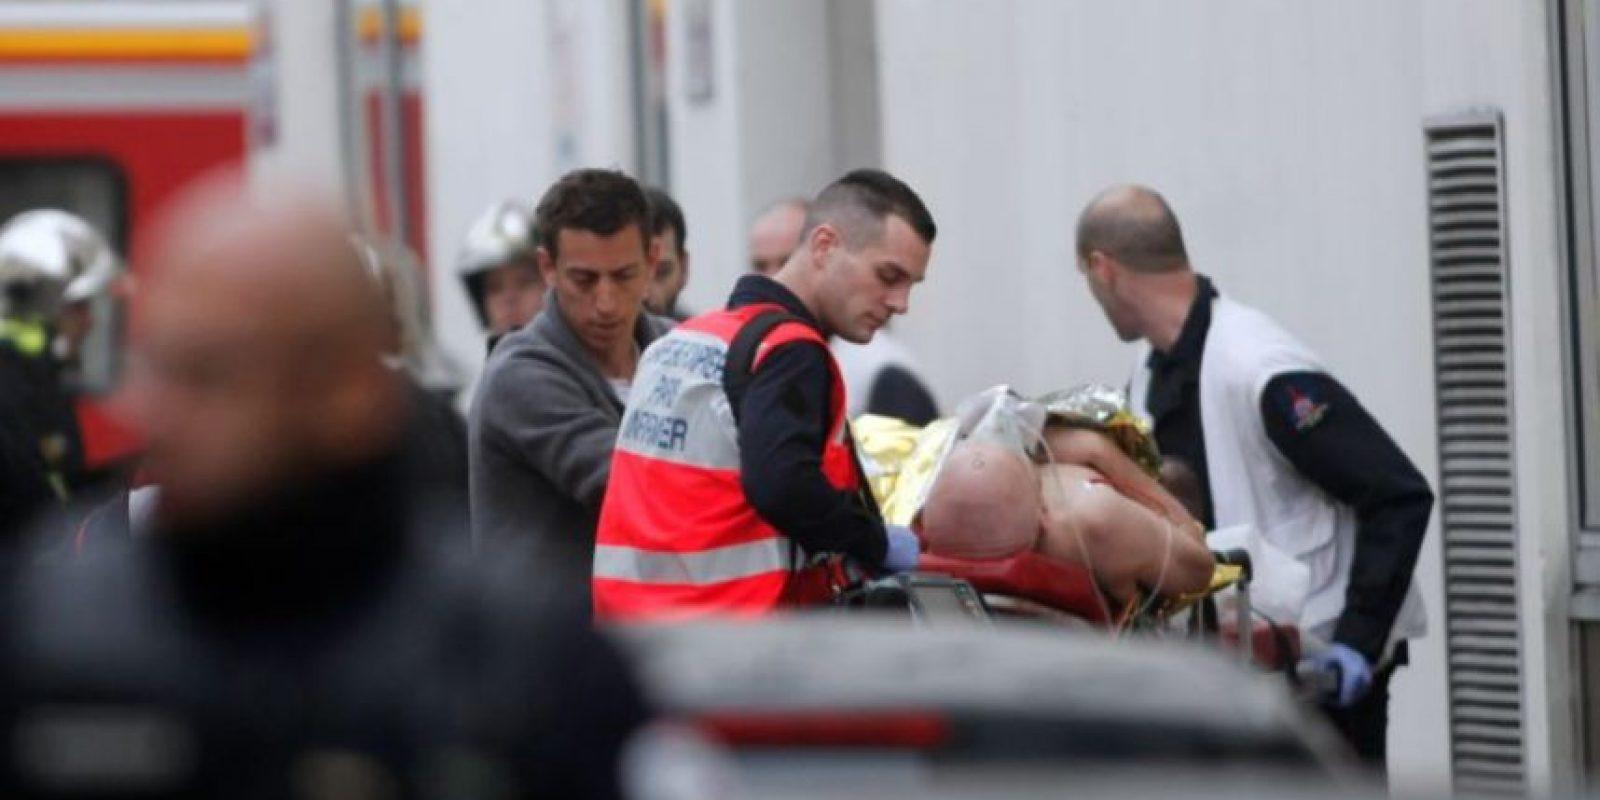 7 de enero- Atentado a la revista Charlie Hebdo en París, Francia Foto:AP